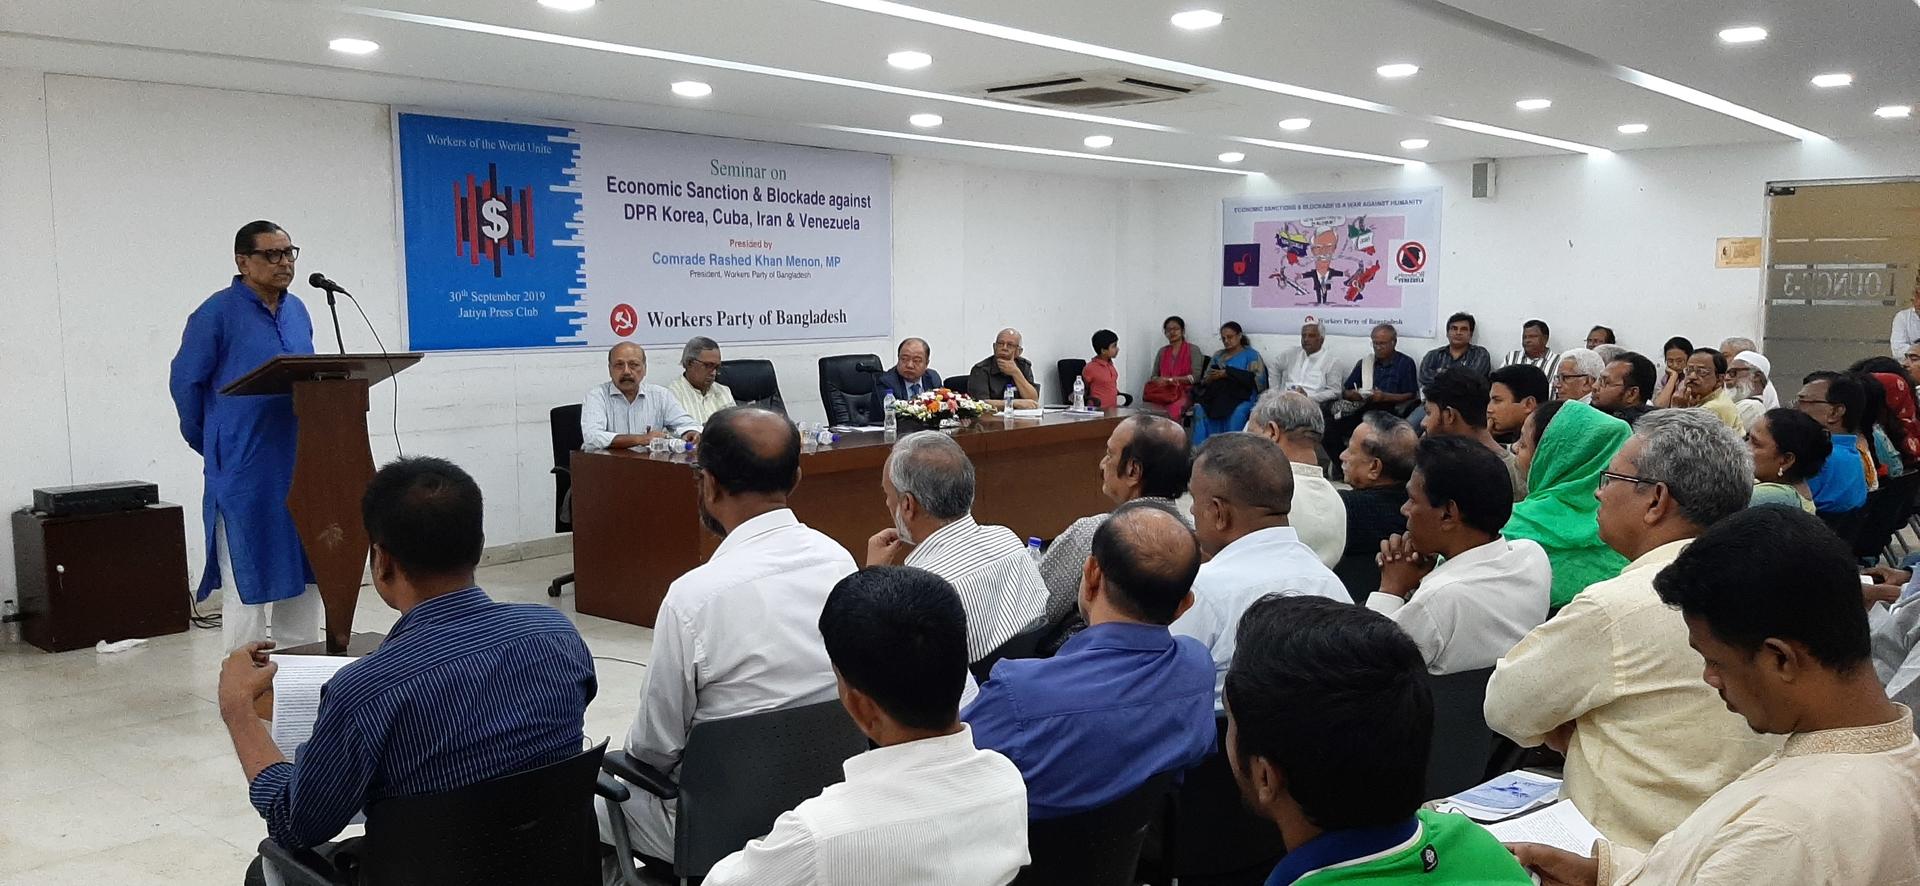 Bangladesh solidarity